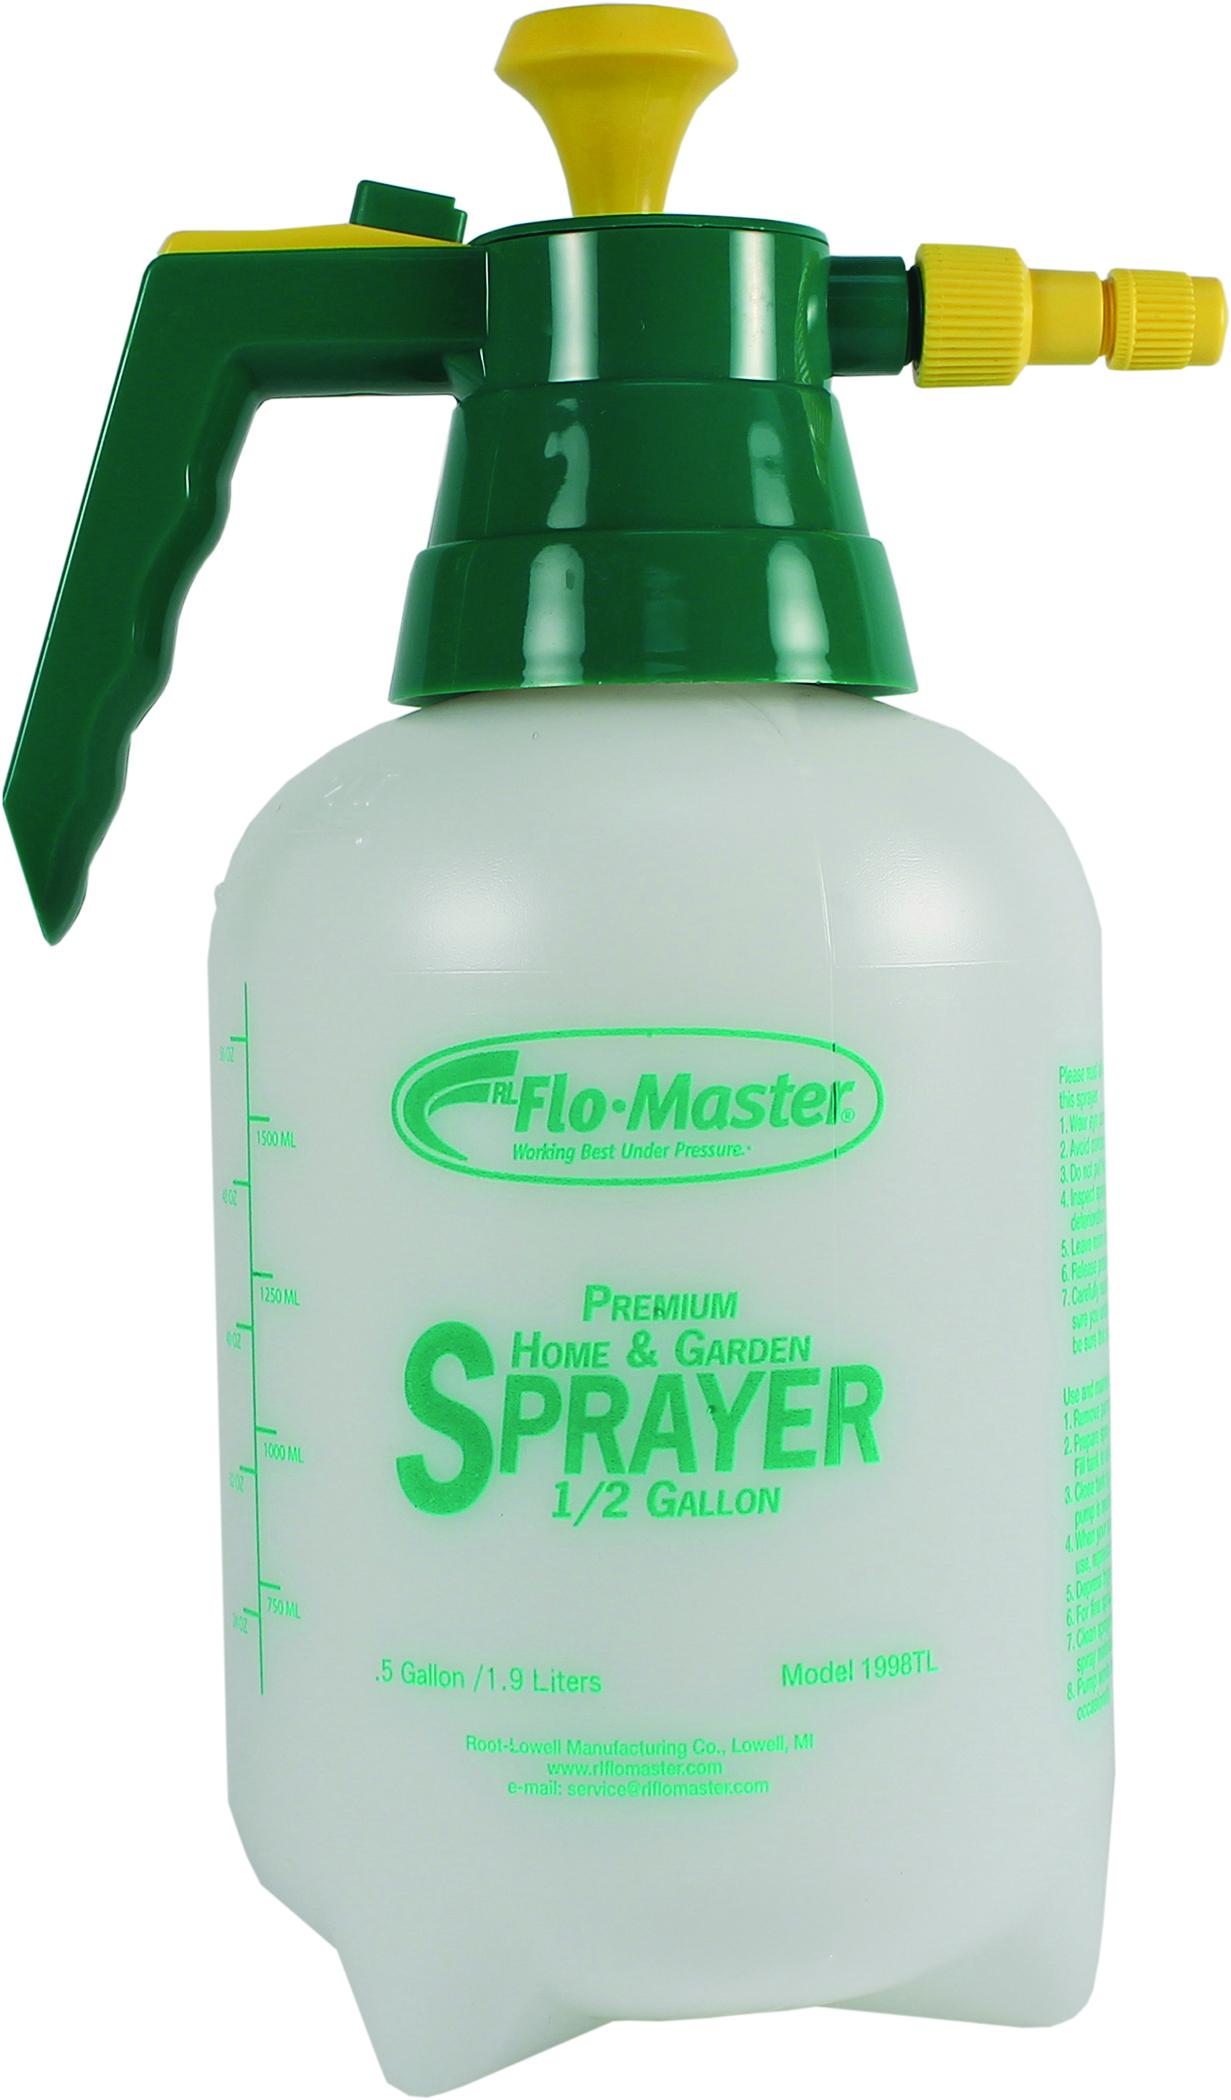 Rl Flo Master Premium Home Garden Sprayer 1 2 Gallon Ebay